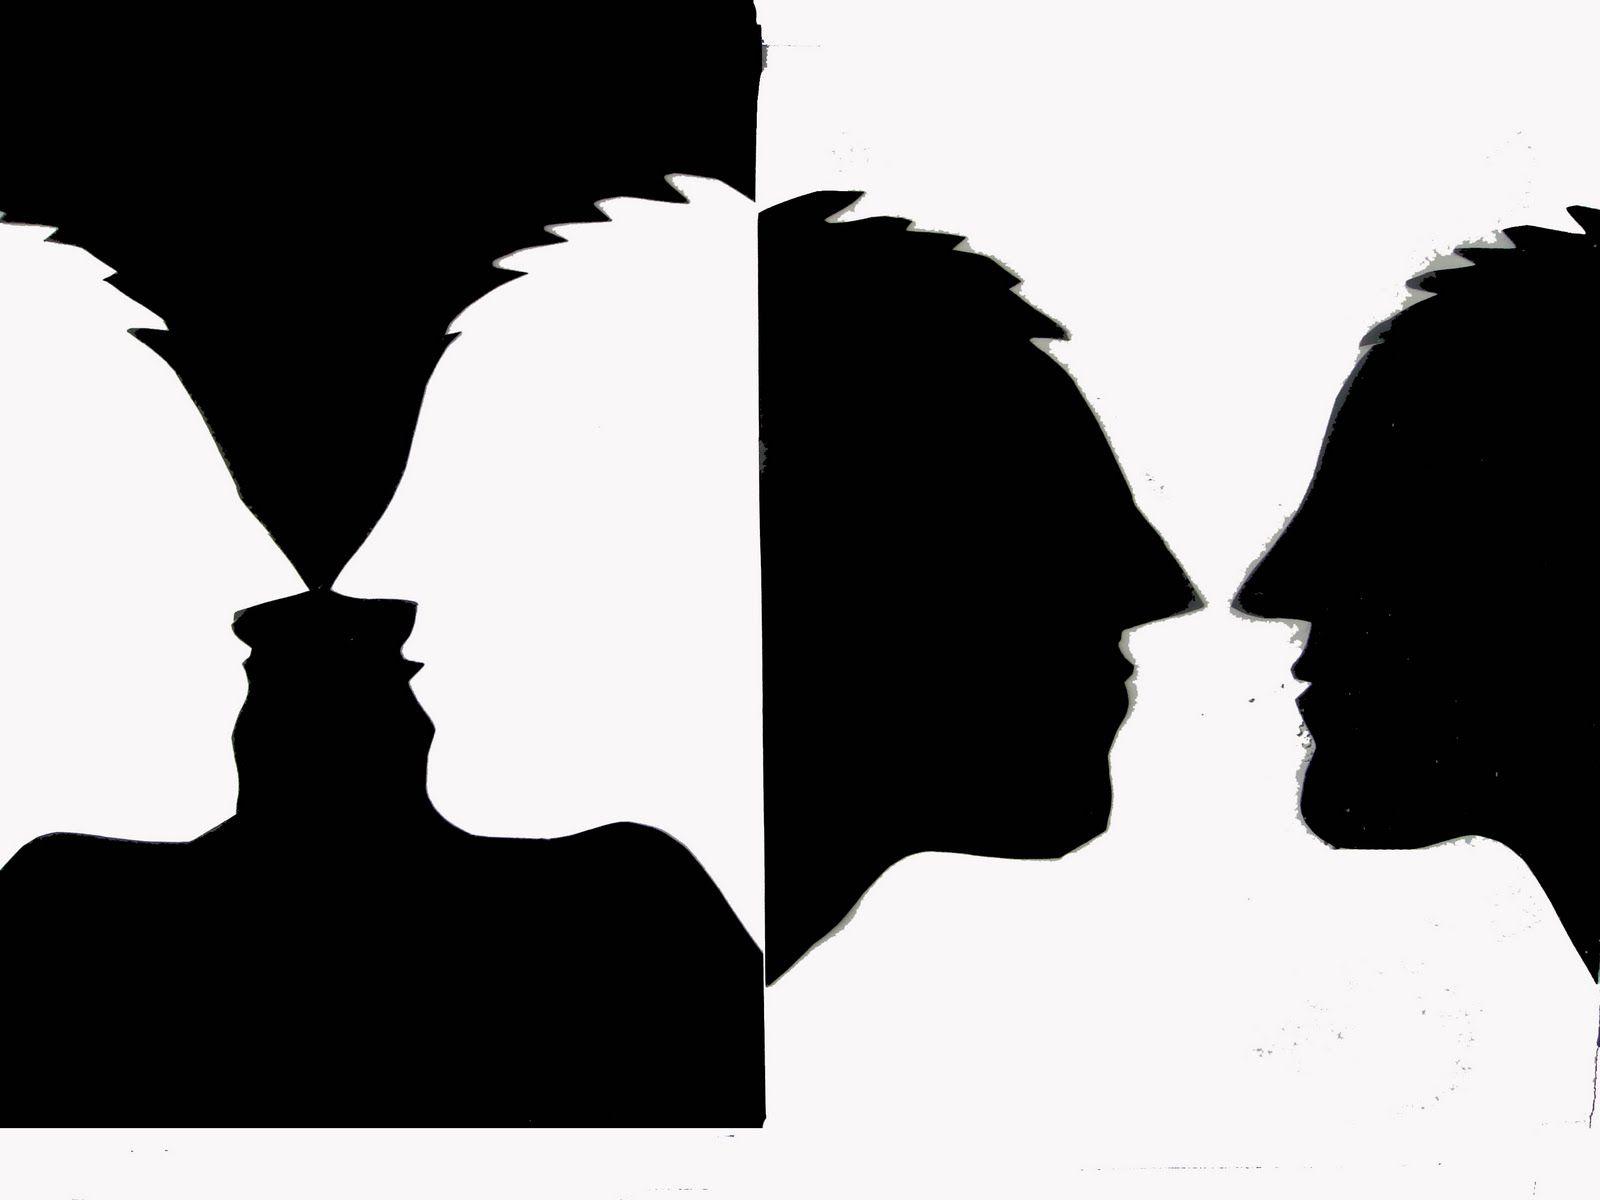 Las Dos Imágenes Se Complementan Según La Ley De Percepción De Fondo